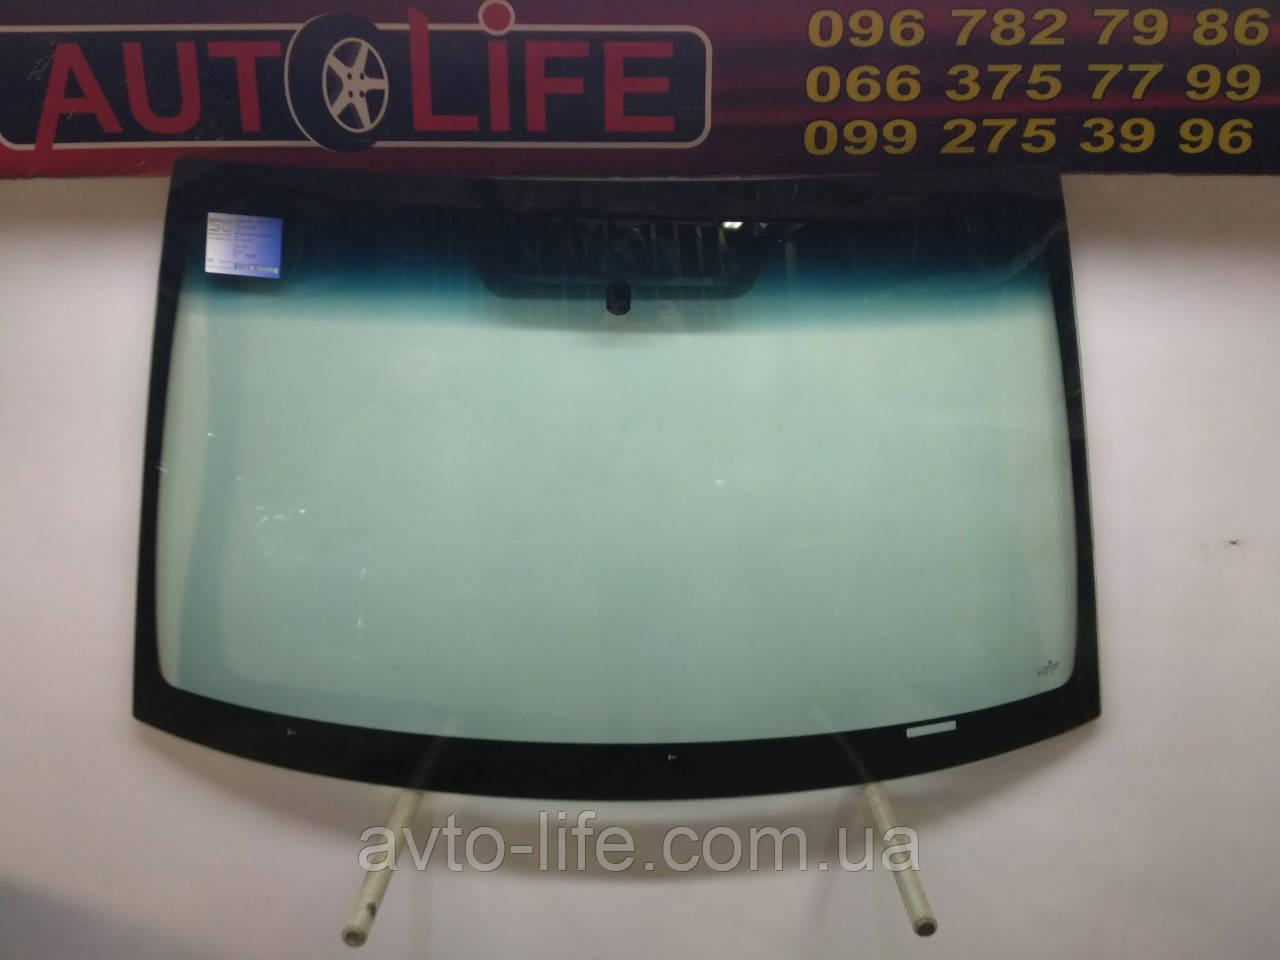 Лобовое стекло Mitsubishi Galant (2003-2012) | Автостекло Митсубиси Галант | Доставка по Украине | ГАРАНТИЯ